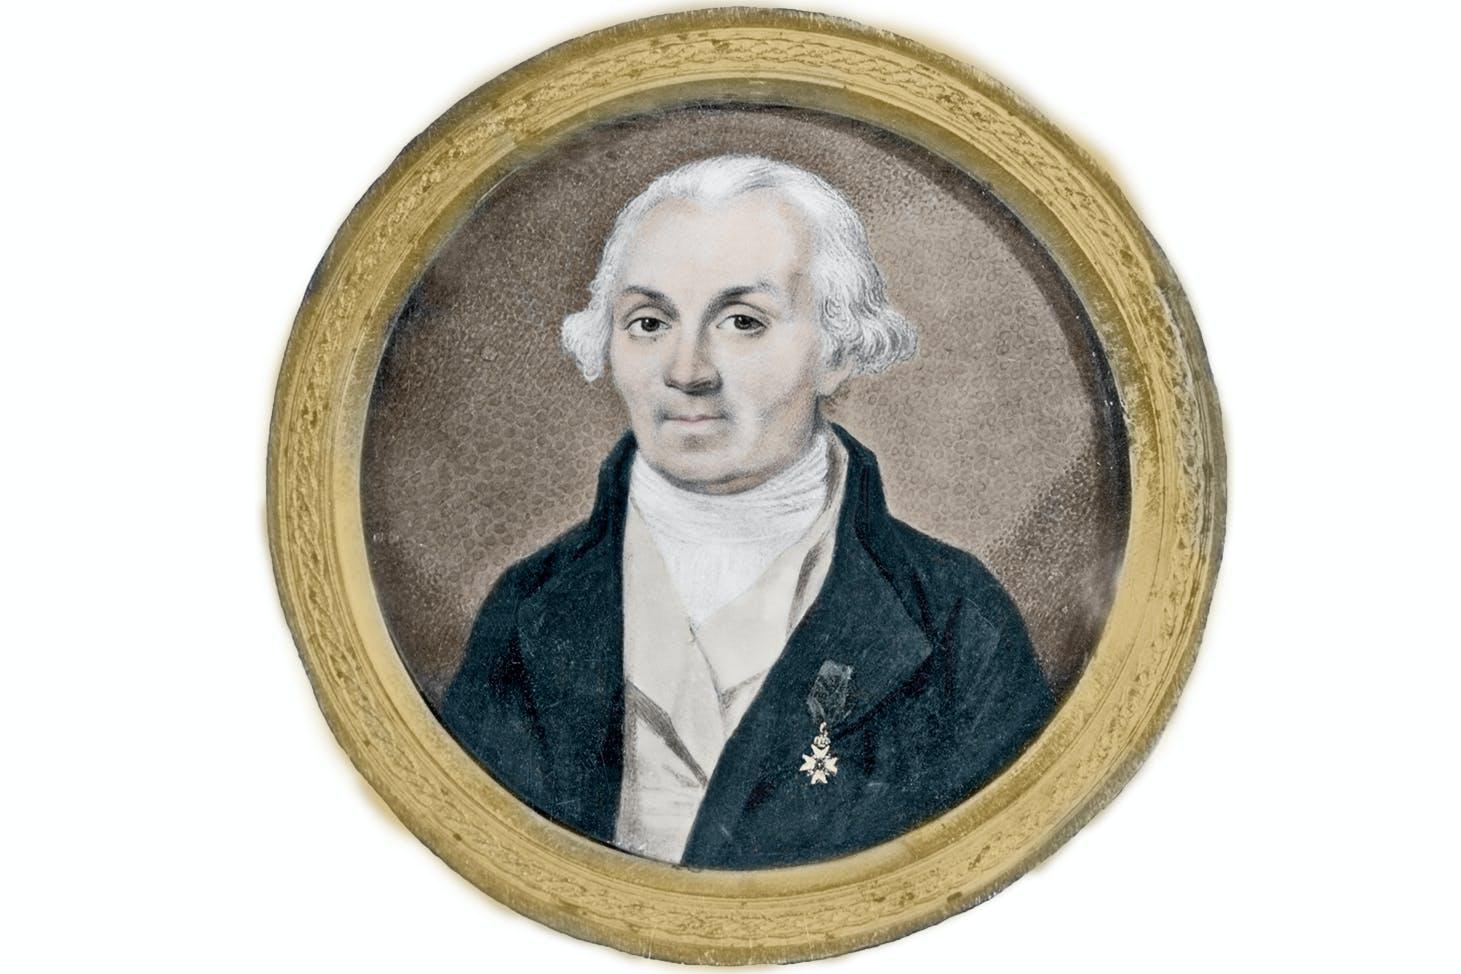 Kungliga poliskammarens förste polismästare Henric Sivers.